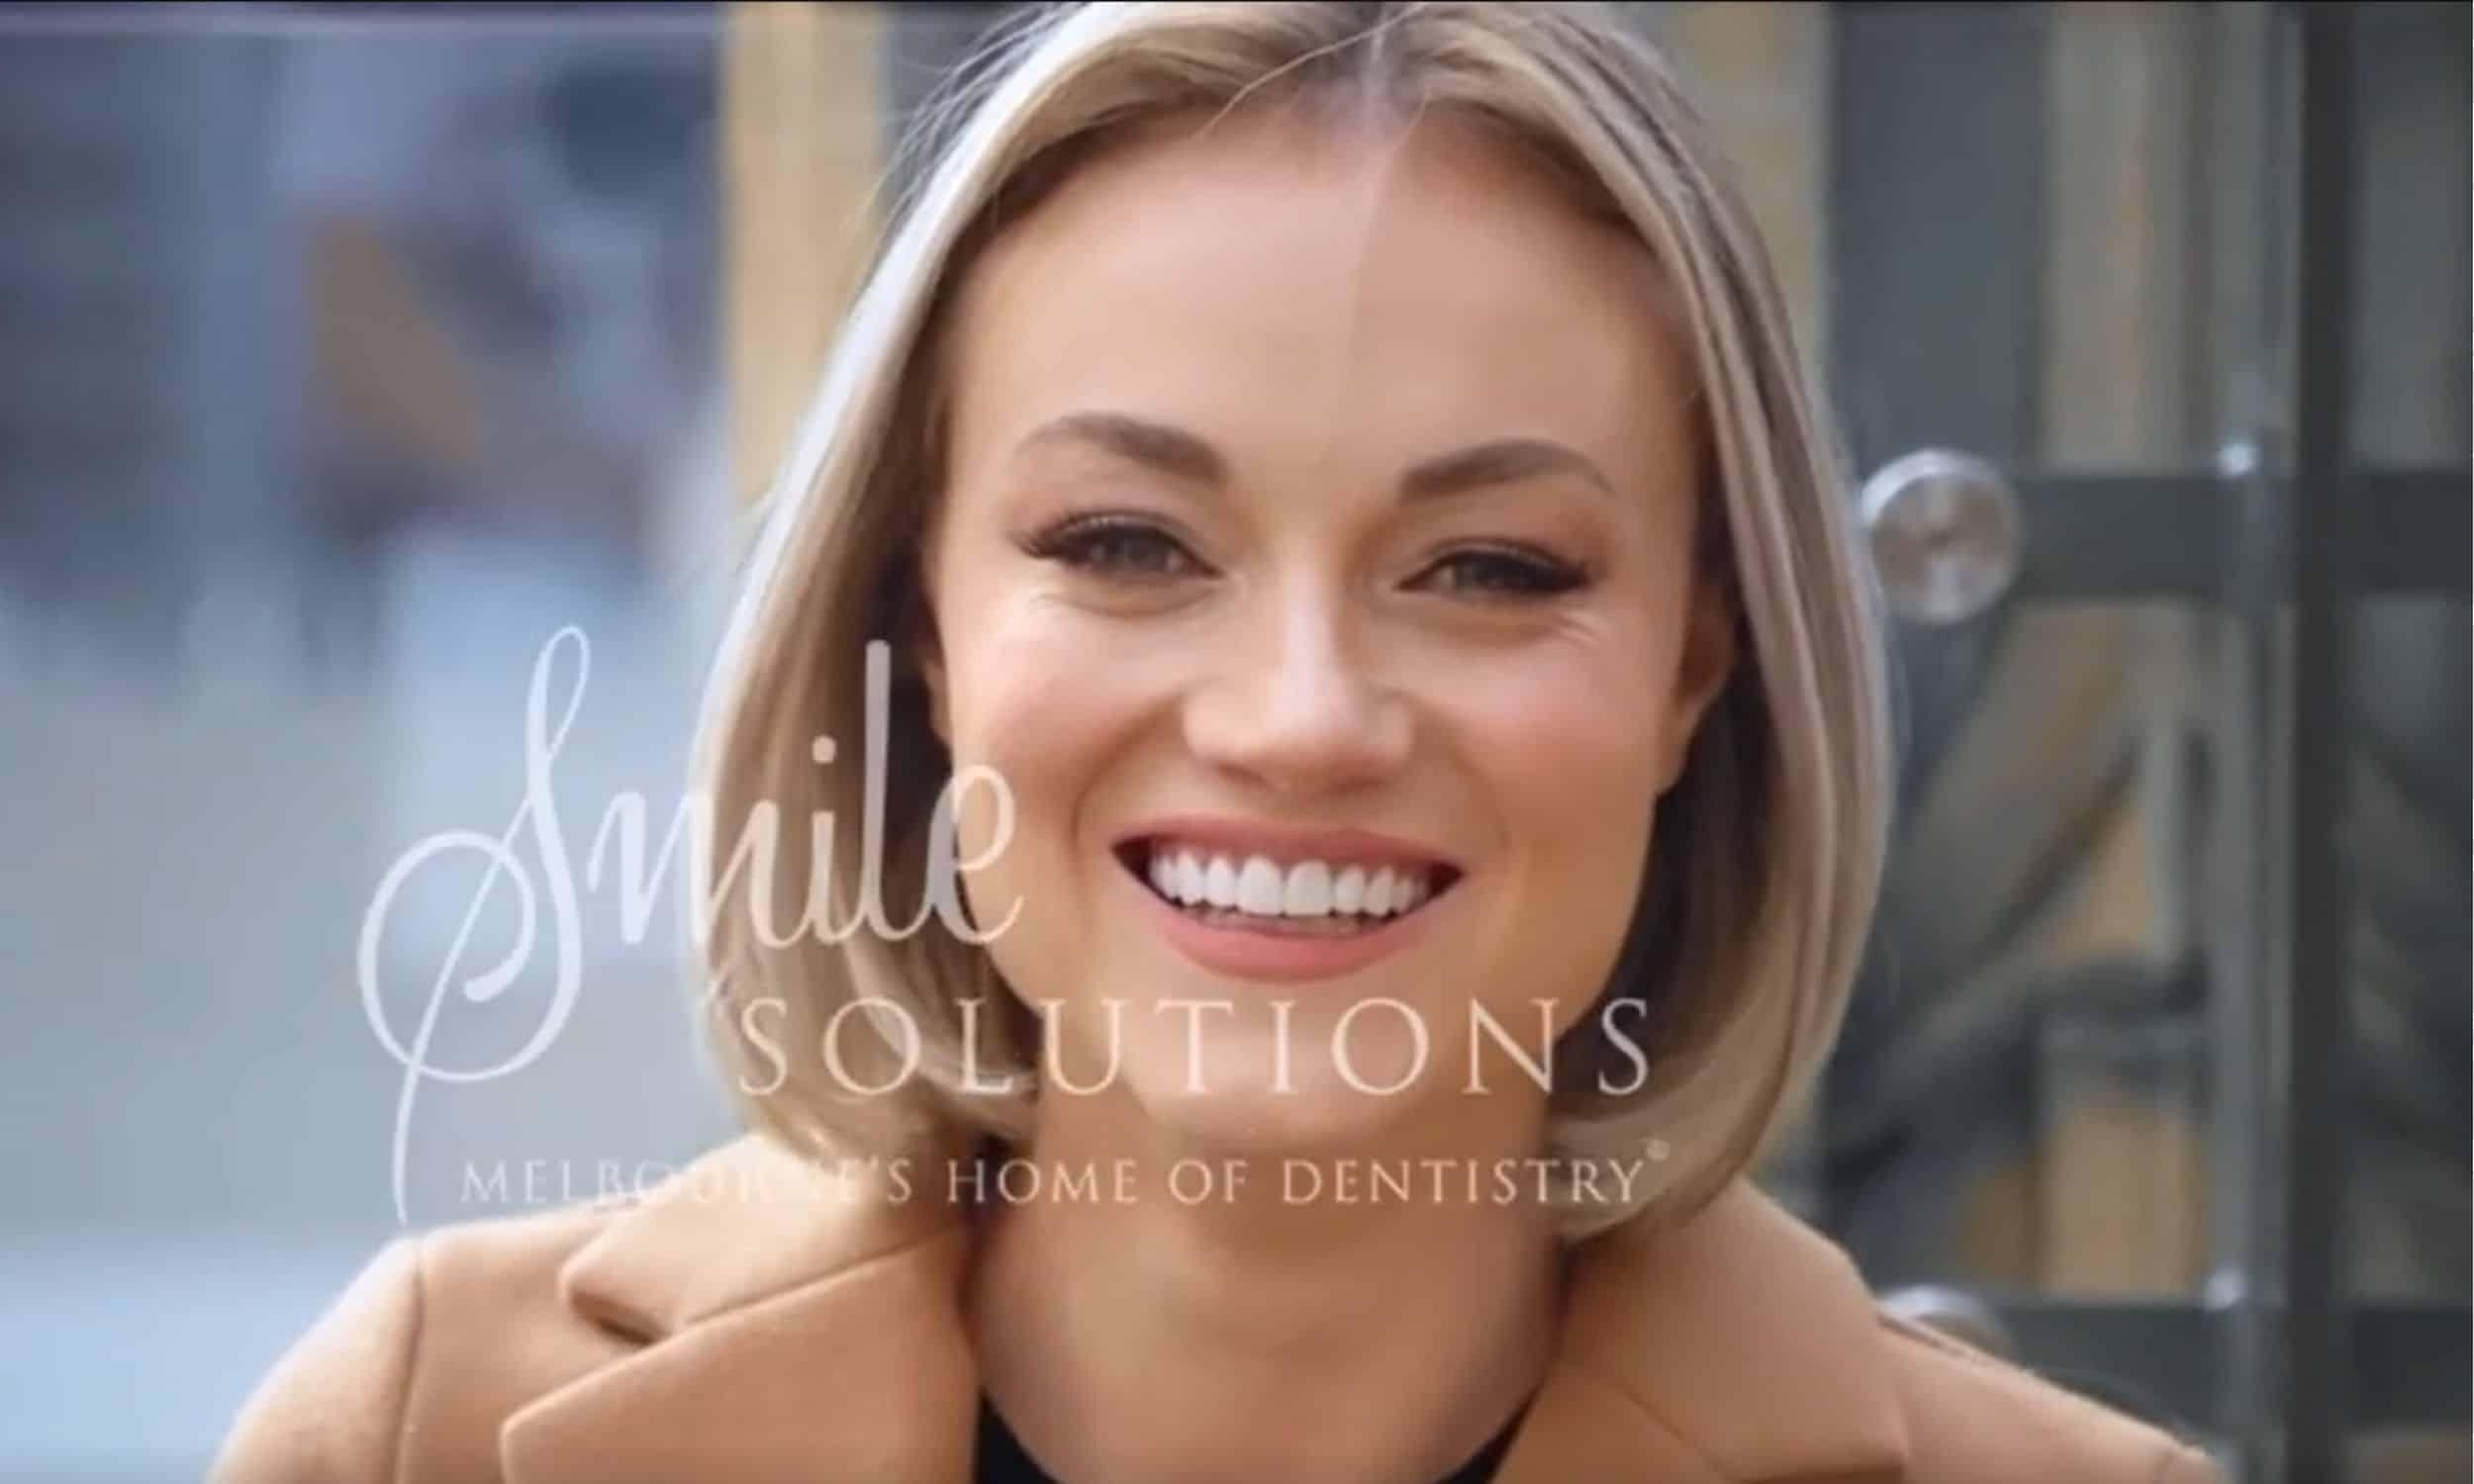 Smile Solutions $20,000 Smile Makeover Winner Ellie